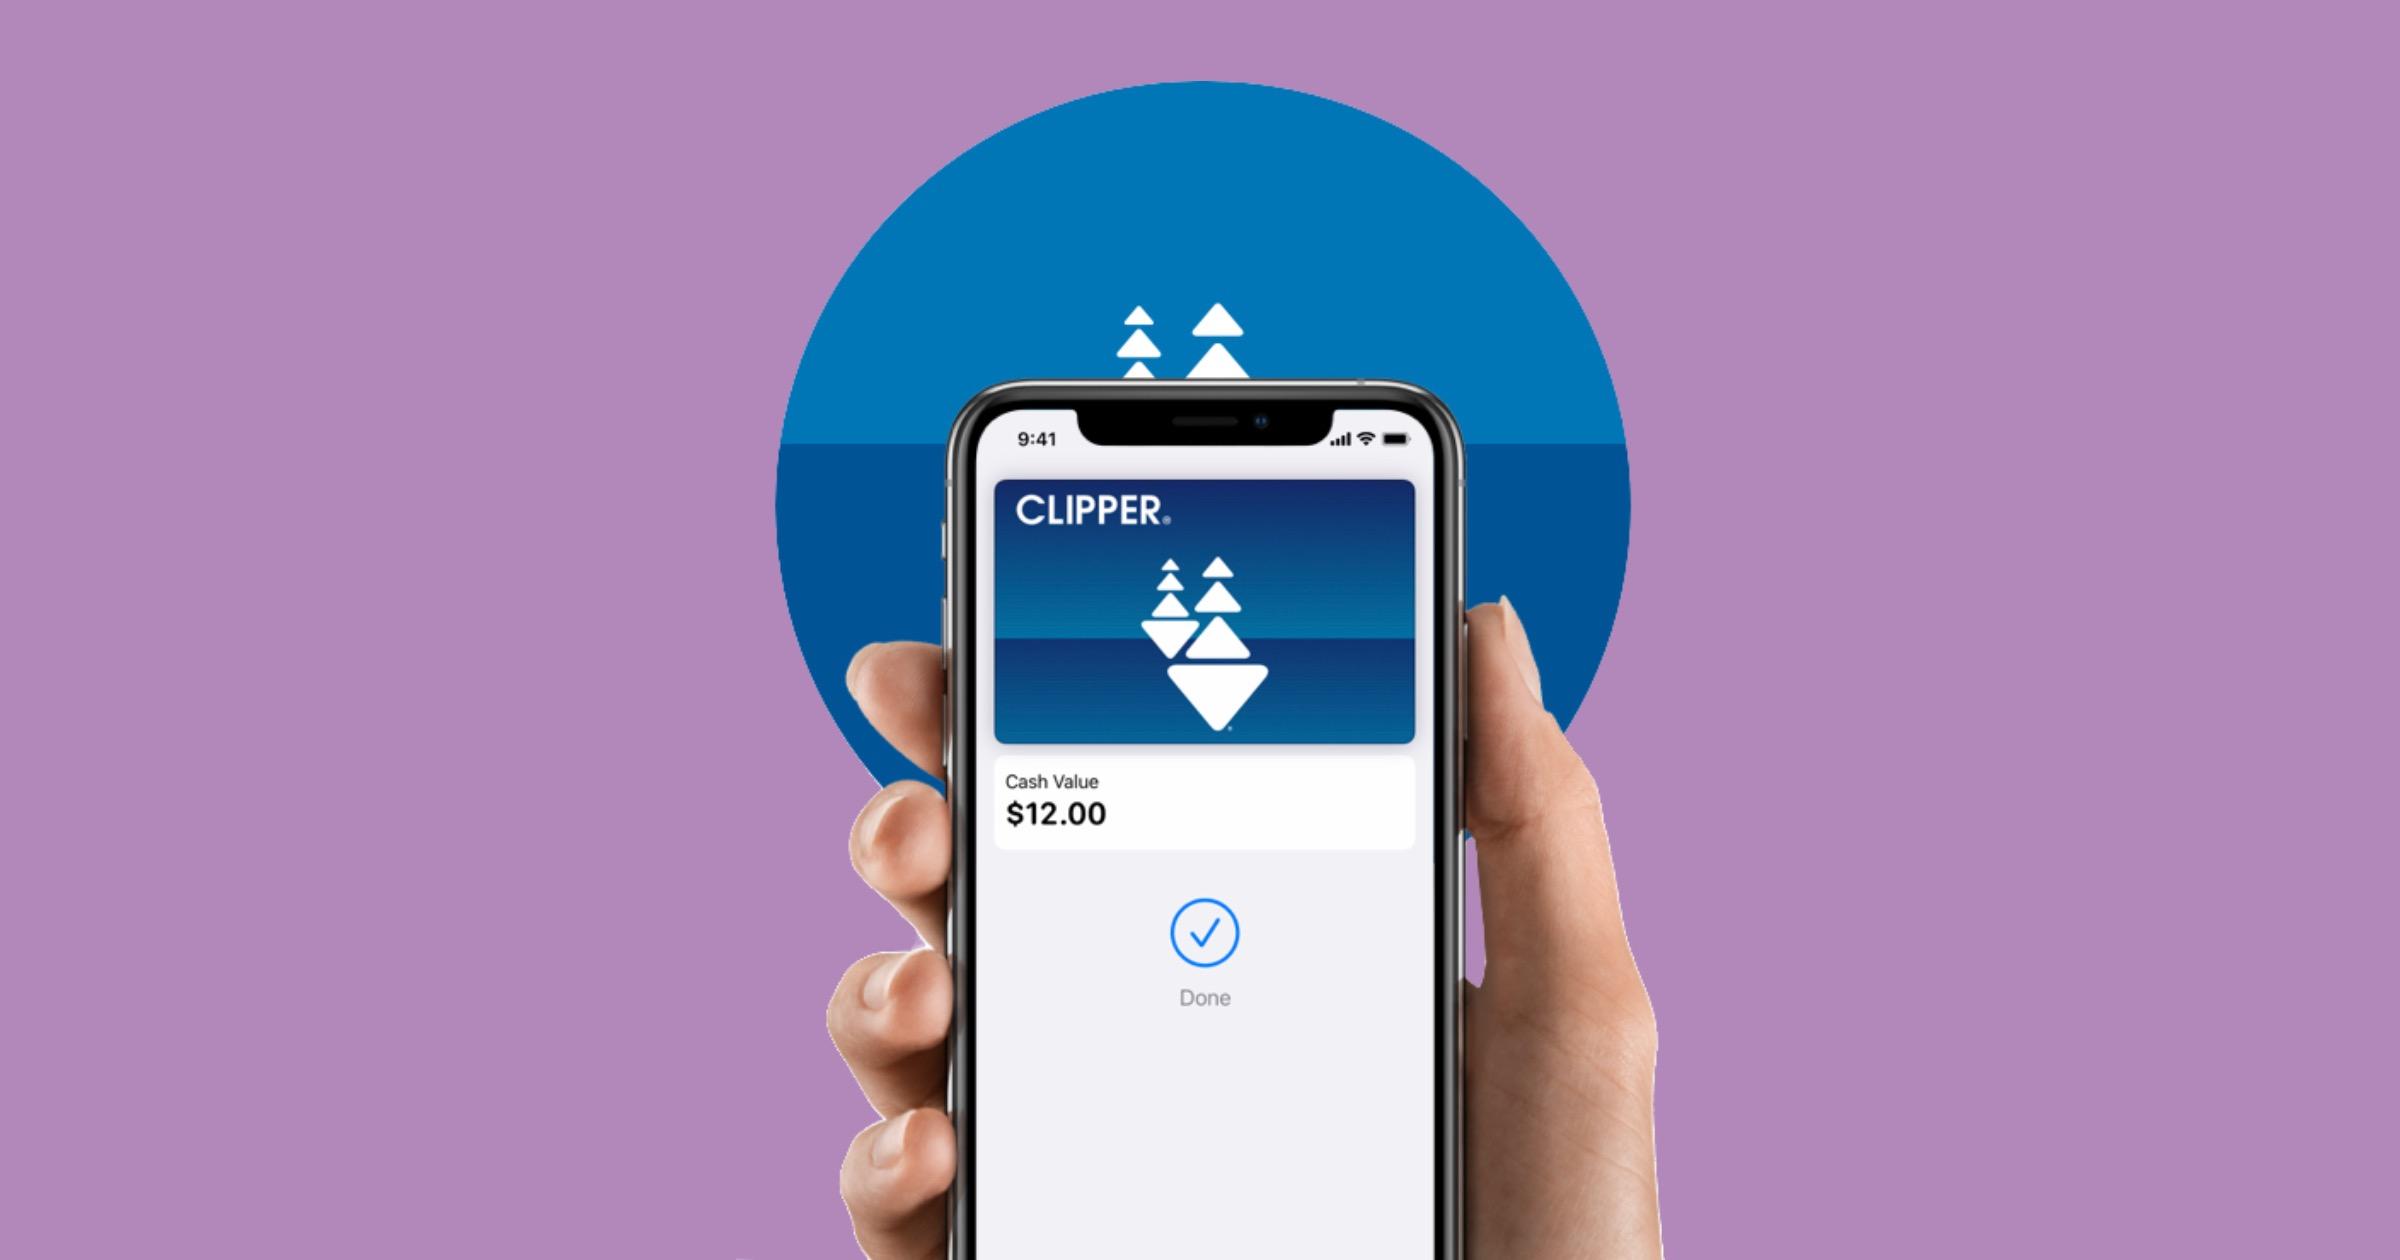 Clipper card in Apple Wallet